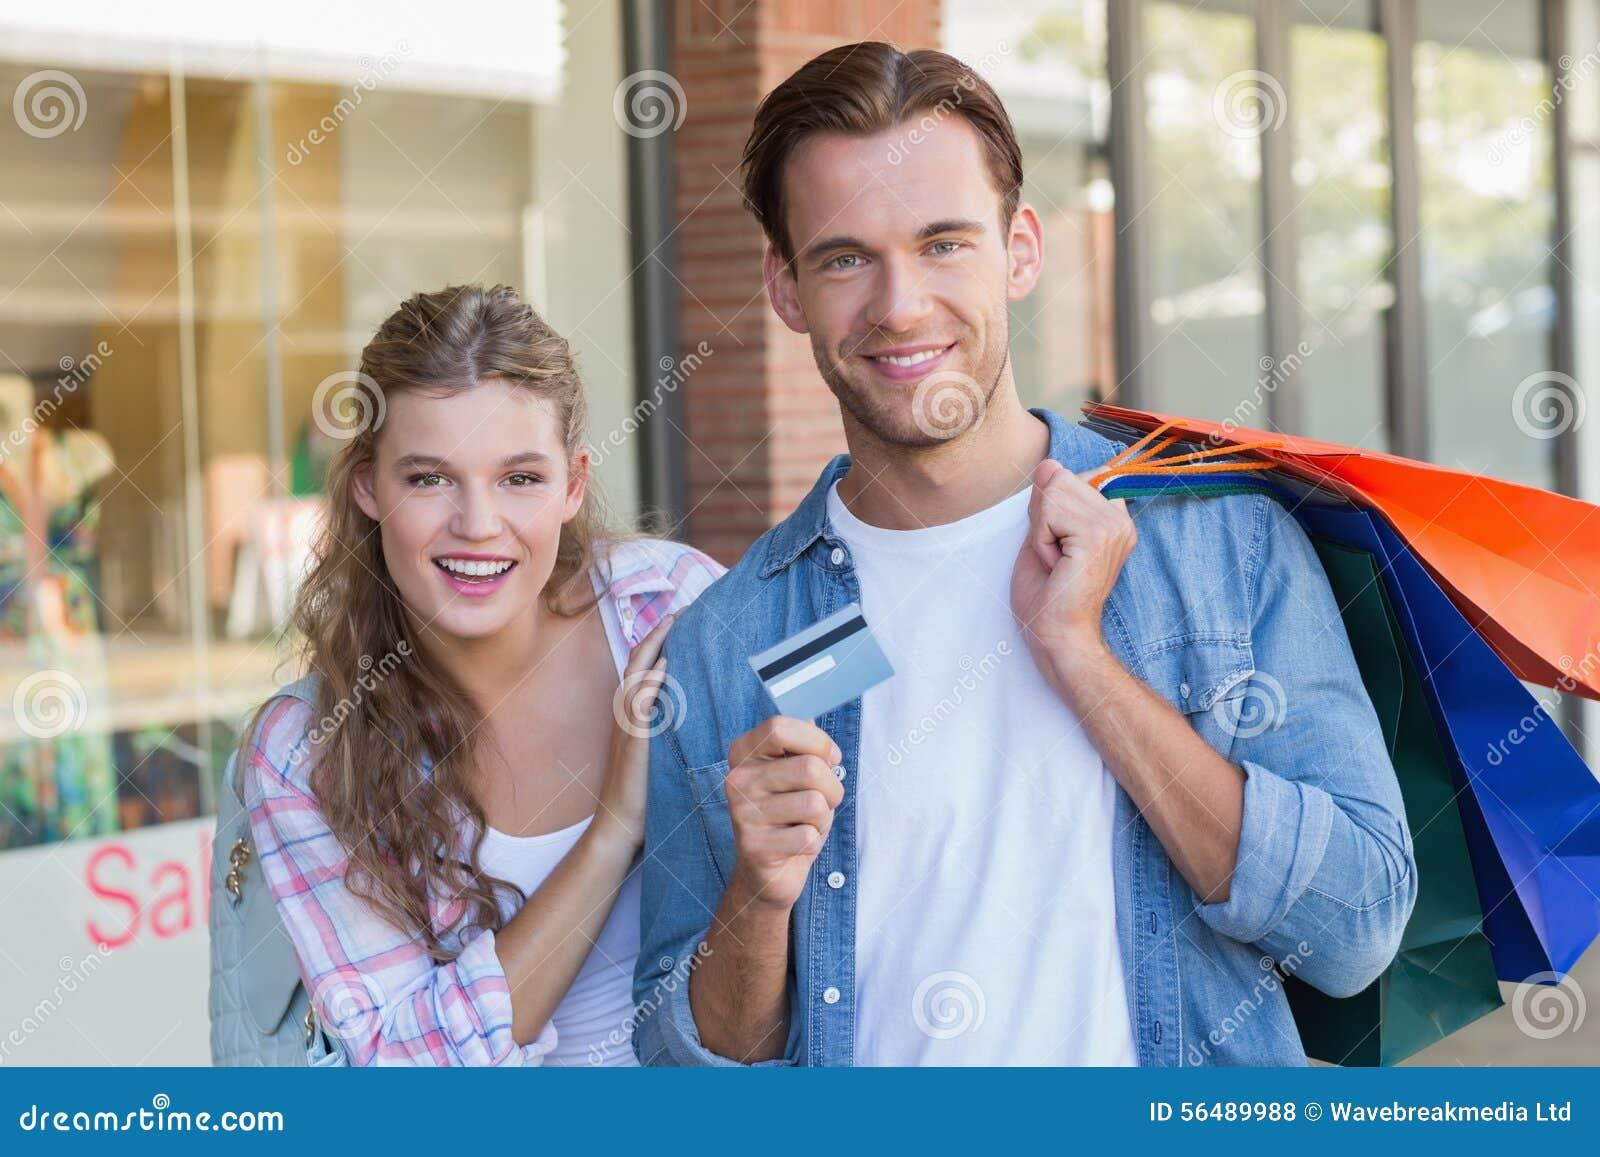 Portrait d un couple heureux montrant leur nouvelle carte de crédit